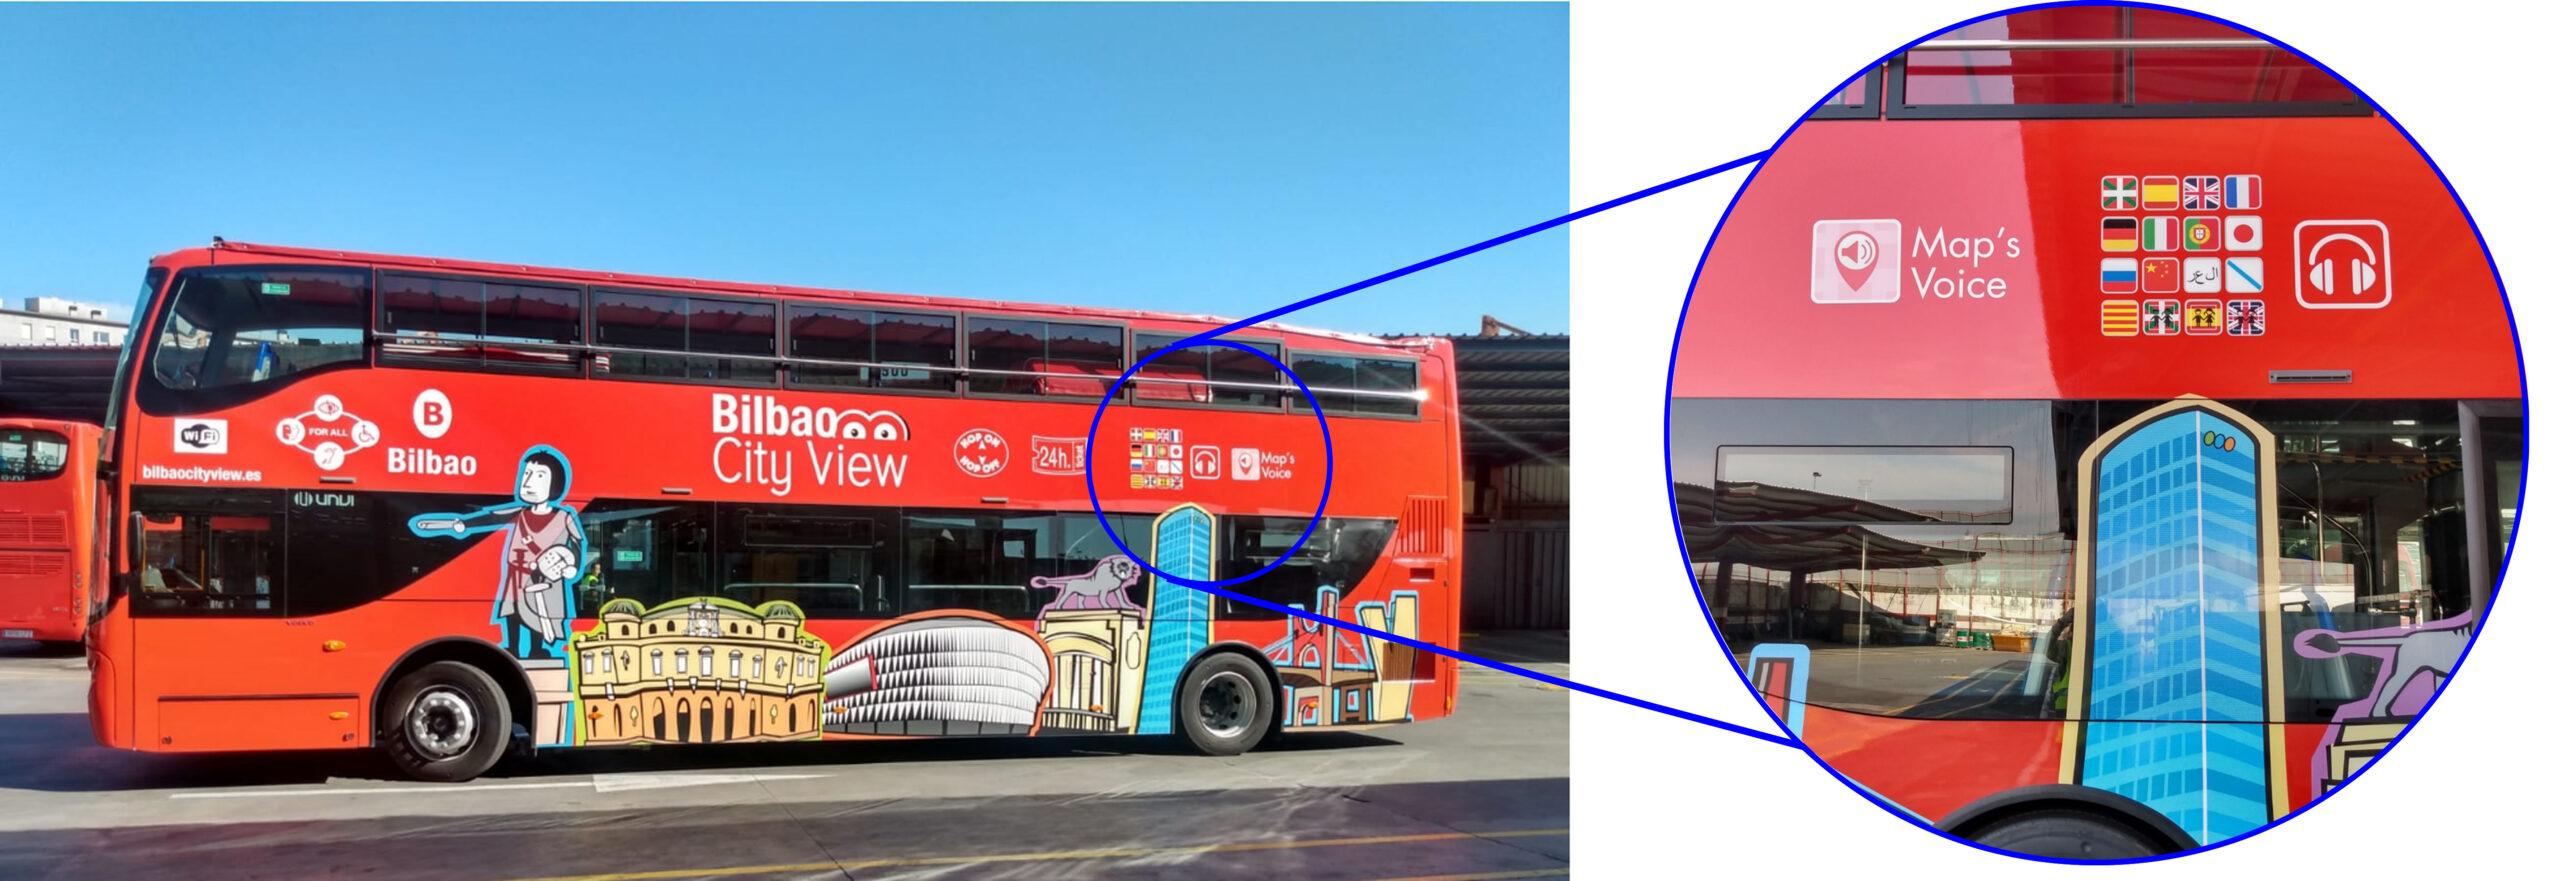 Autobús turístico para destinos turísticos inteligentes